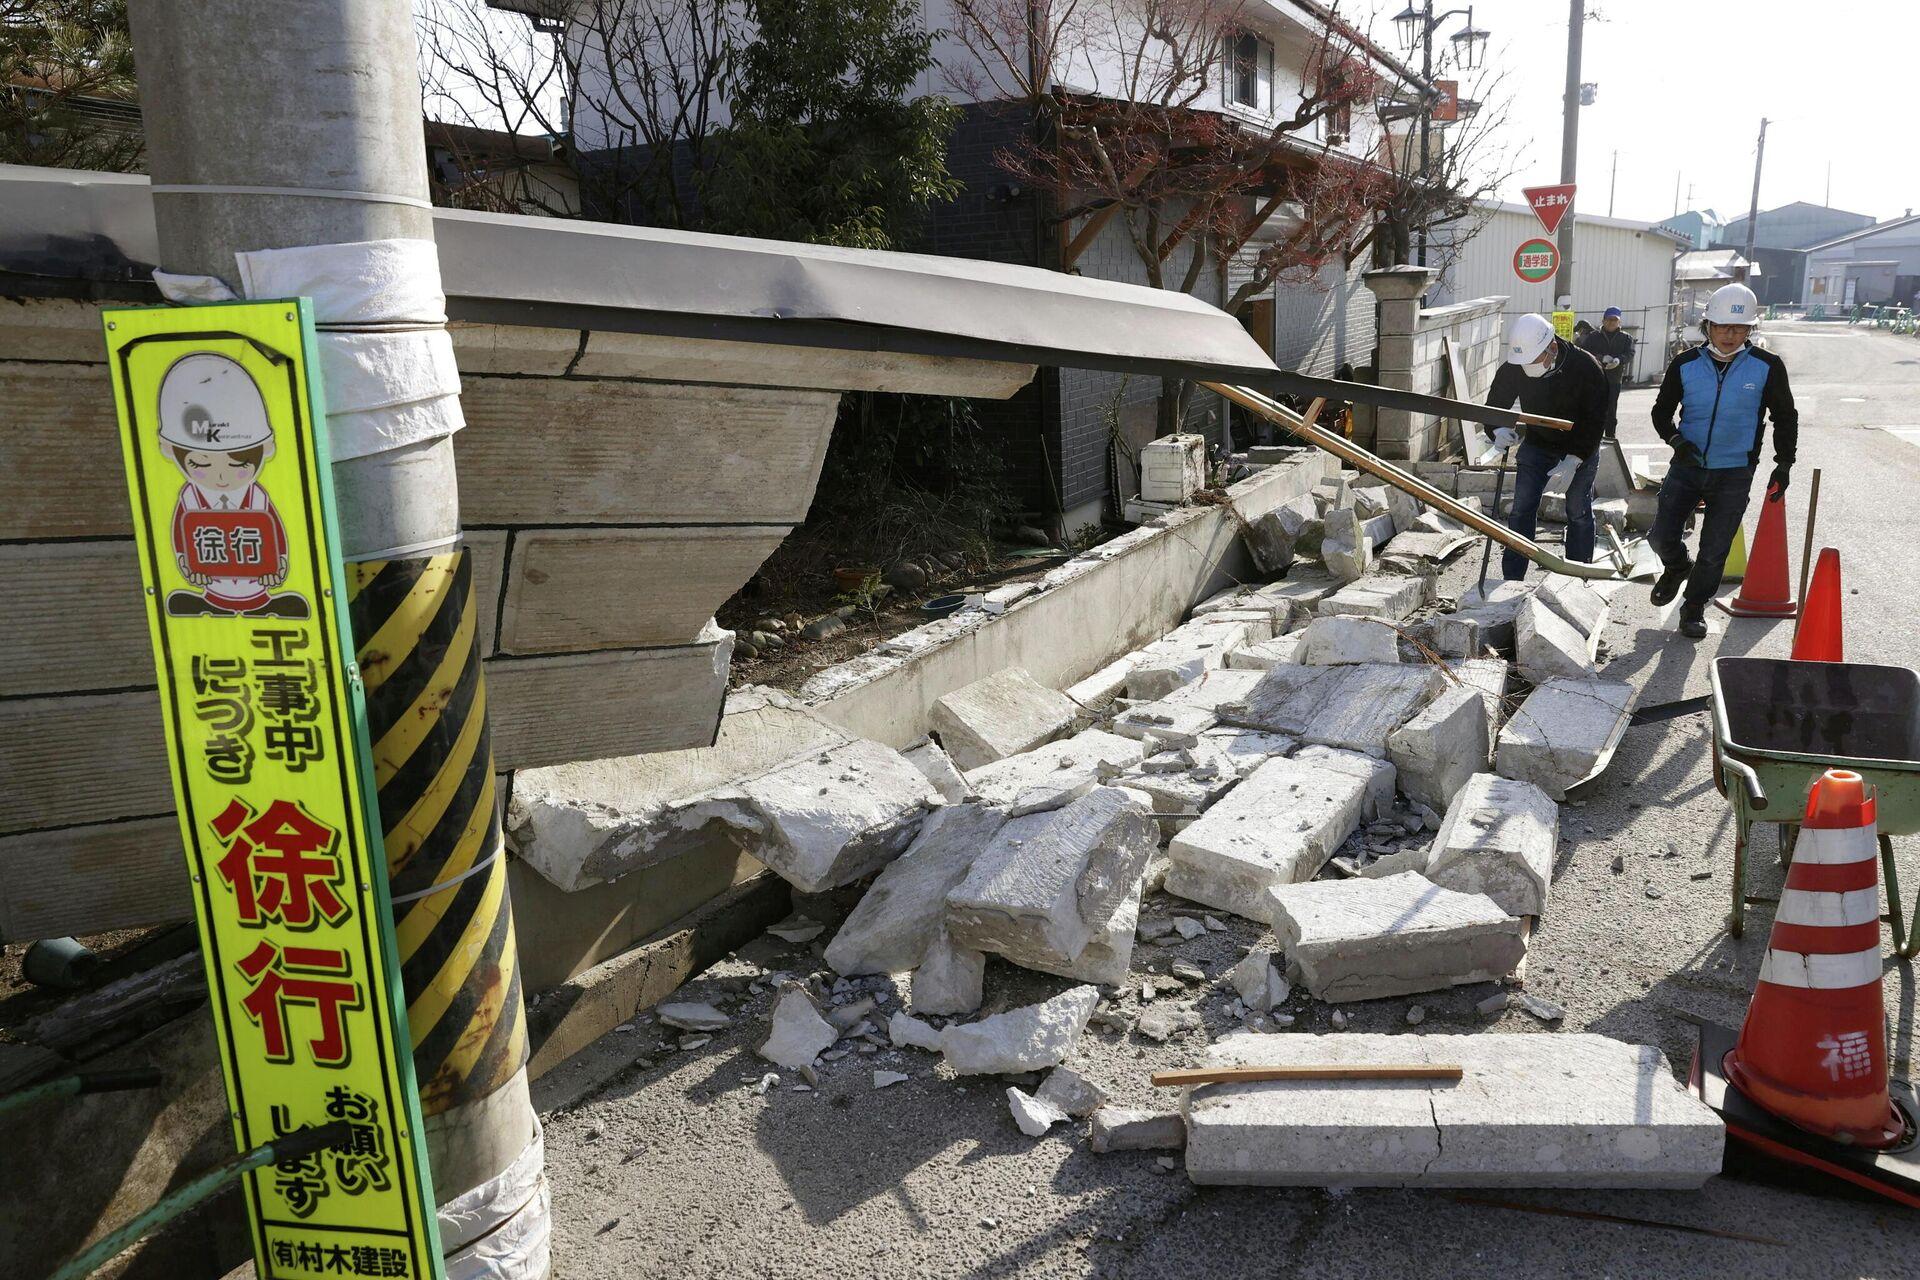 Обрушенная стена в результате сильного землетрясения в префектуре Фукусима, Япония. 14 февраля 2021 - РИА Новости, 1920, 10.03.2021